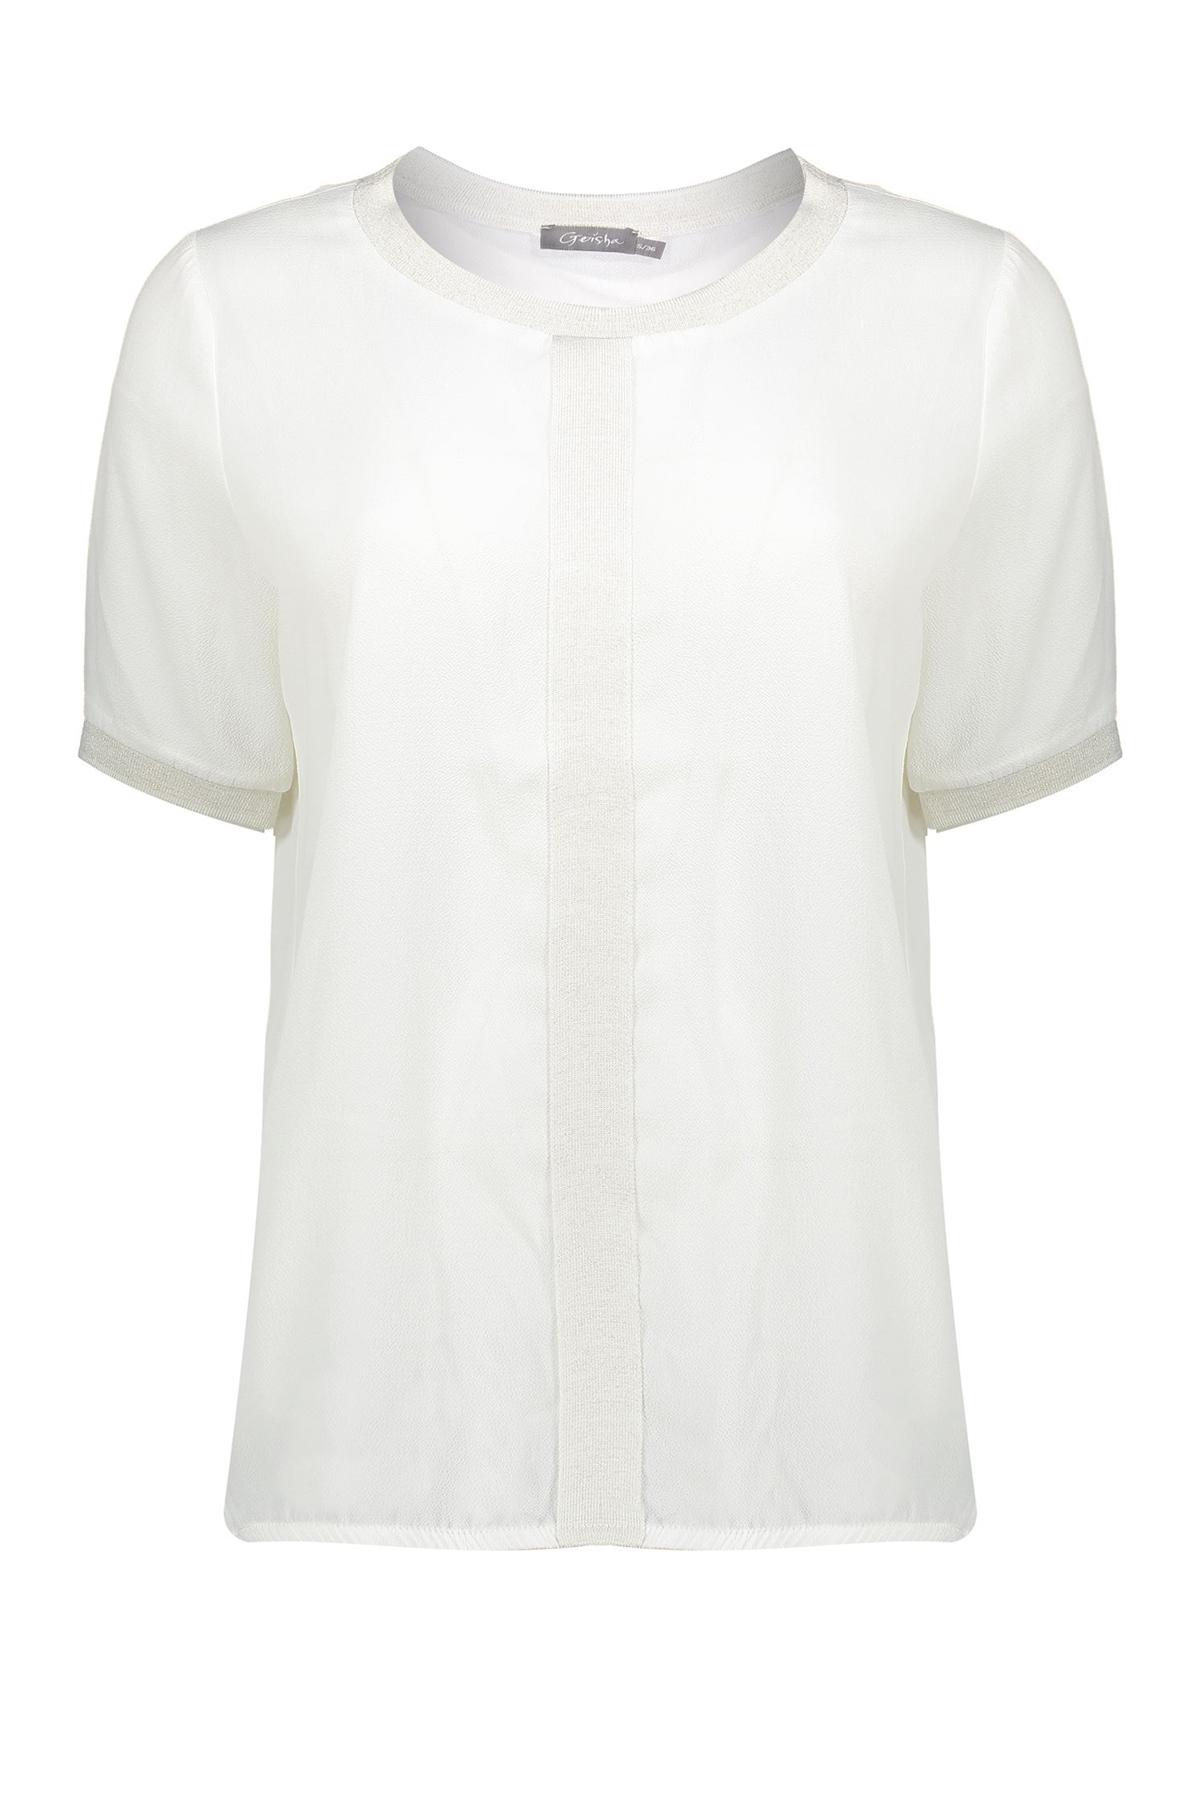 Geisha Shirt - Top Wit 03259-20